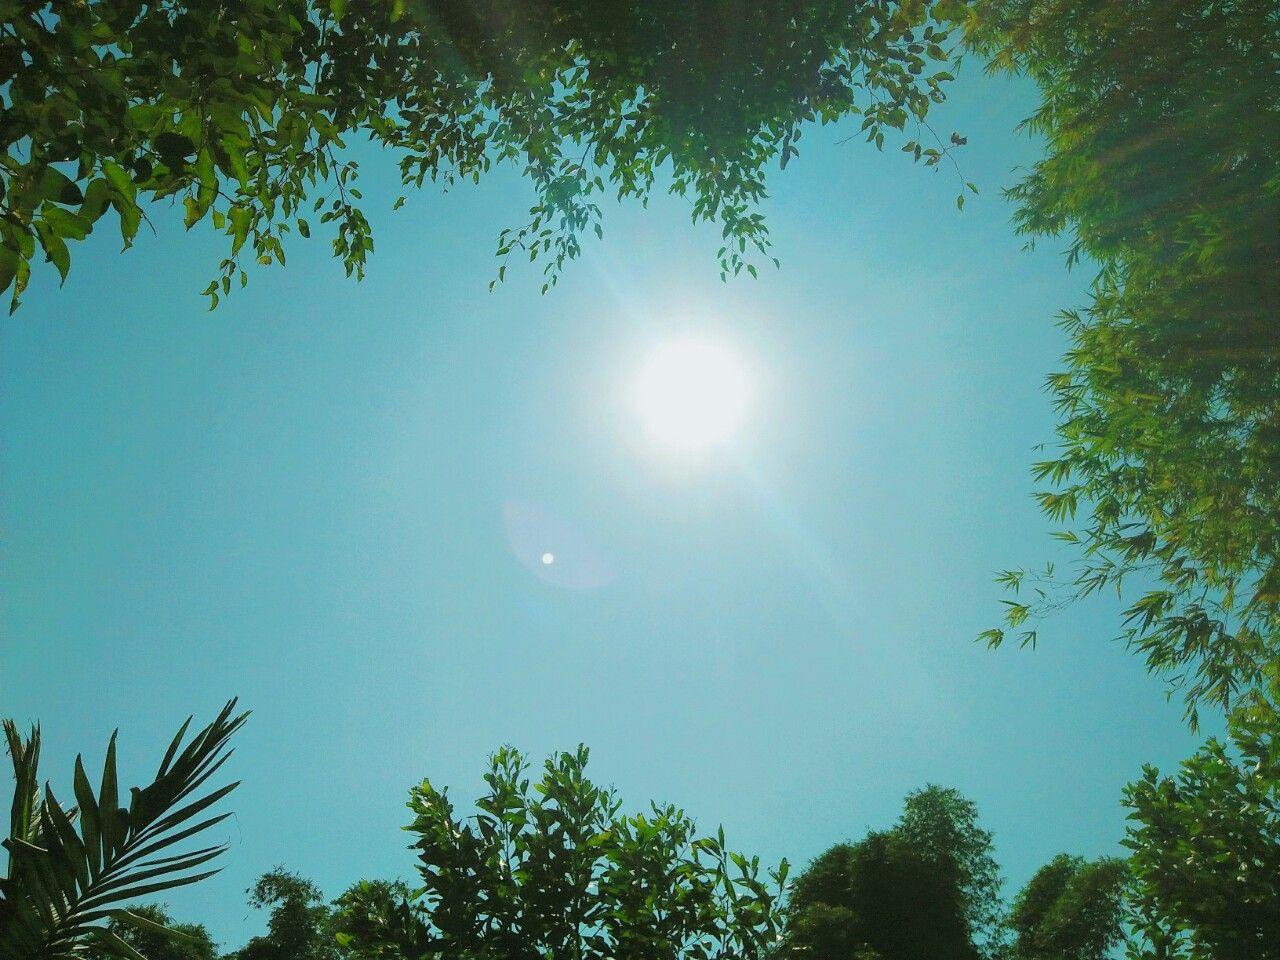 Hình ảnh đẹp nhất về trời nắng